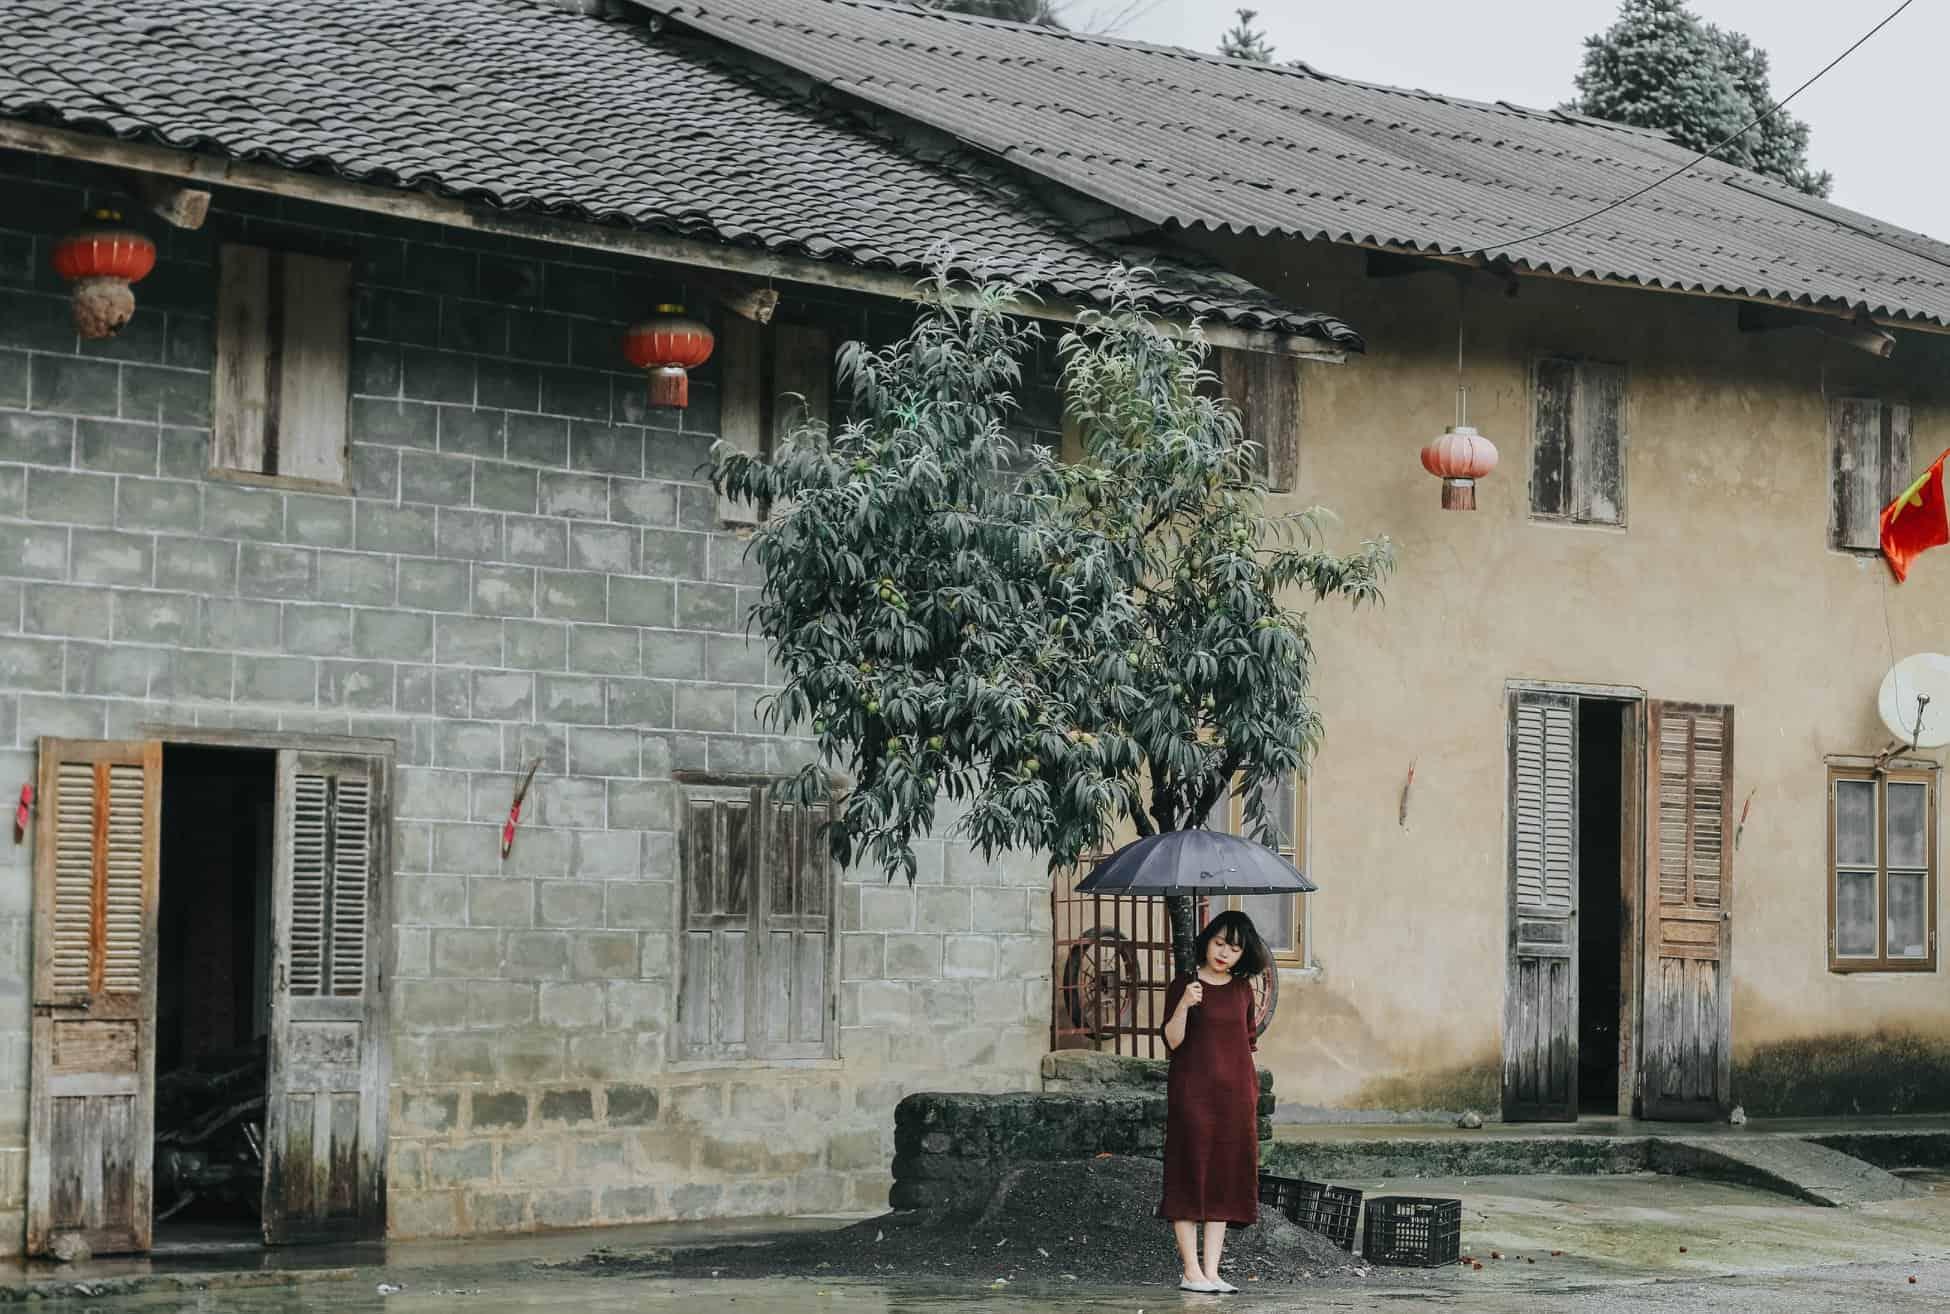 Thị trấn Phó Bảng đẹp như một bức tranh. Hình: Hoàng Linh Hà